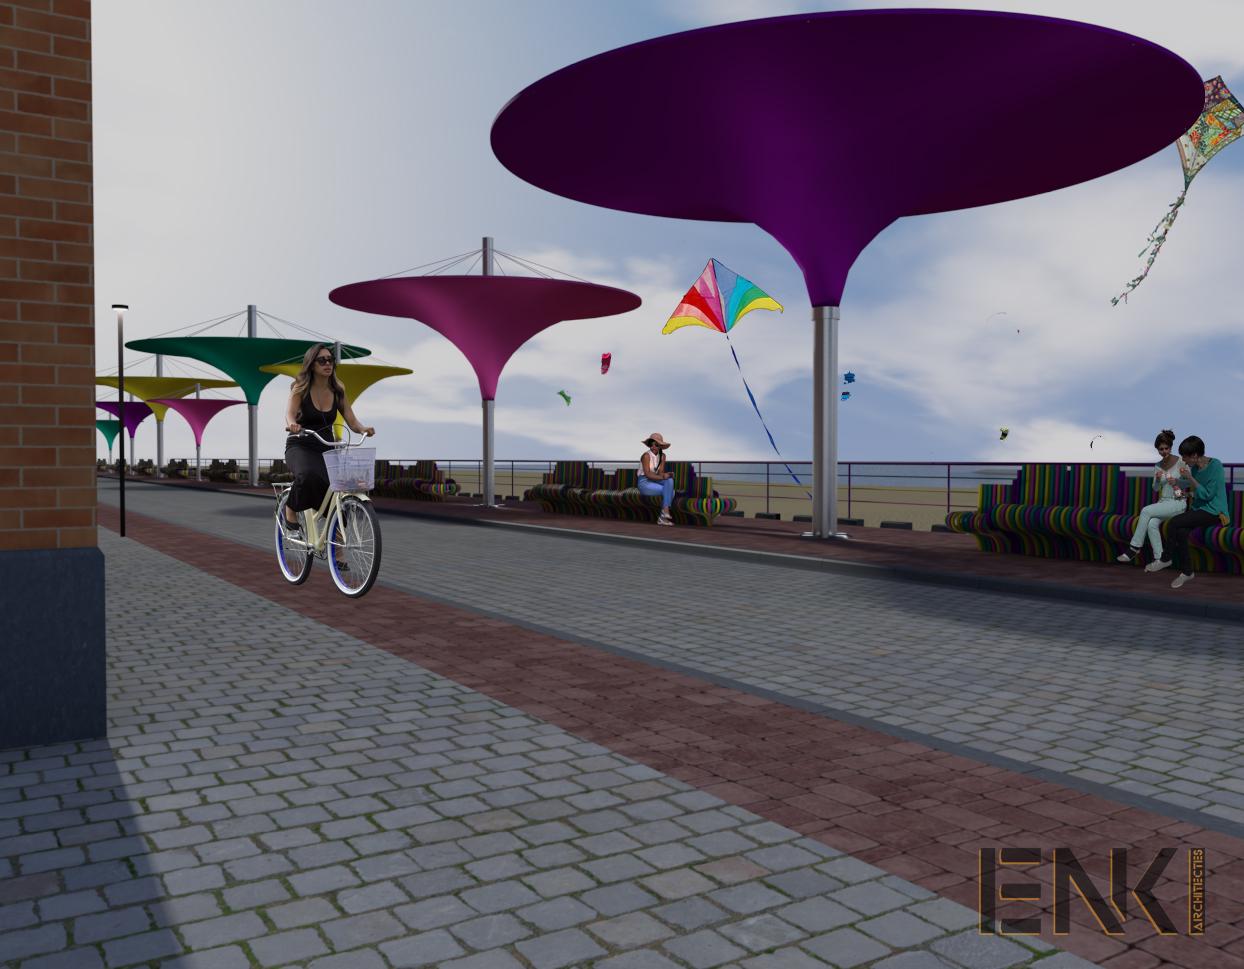 ENKI - MOBILIER URBAIN- préau plage couleur - Image1+perso